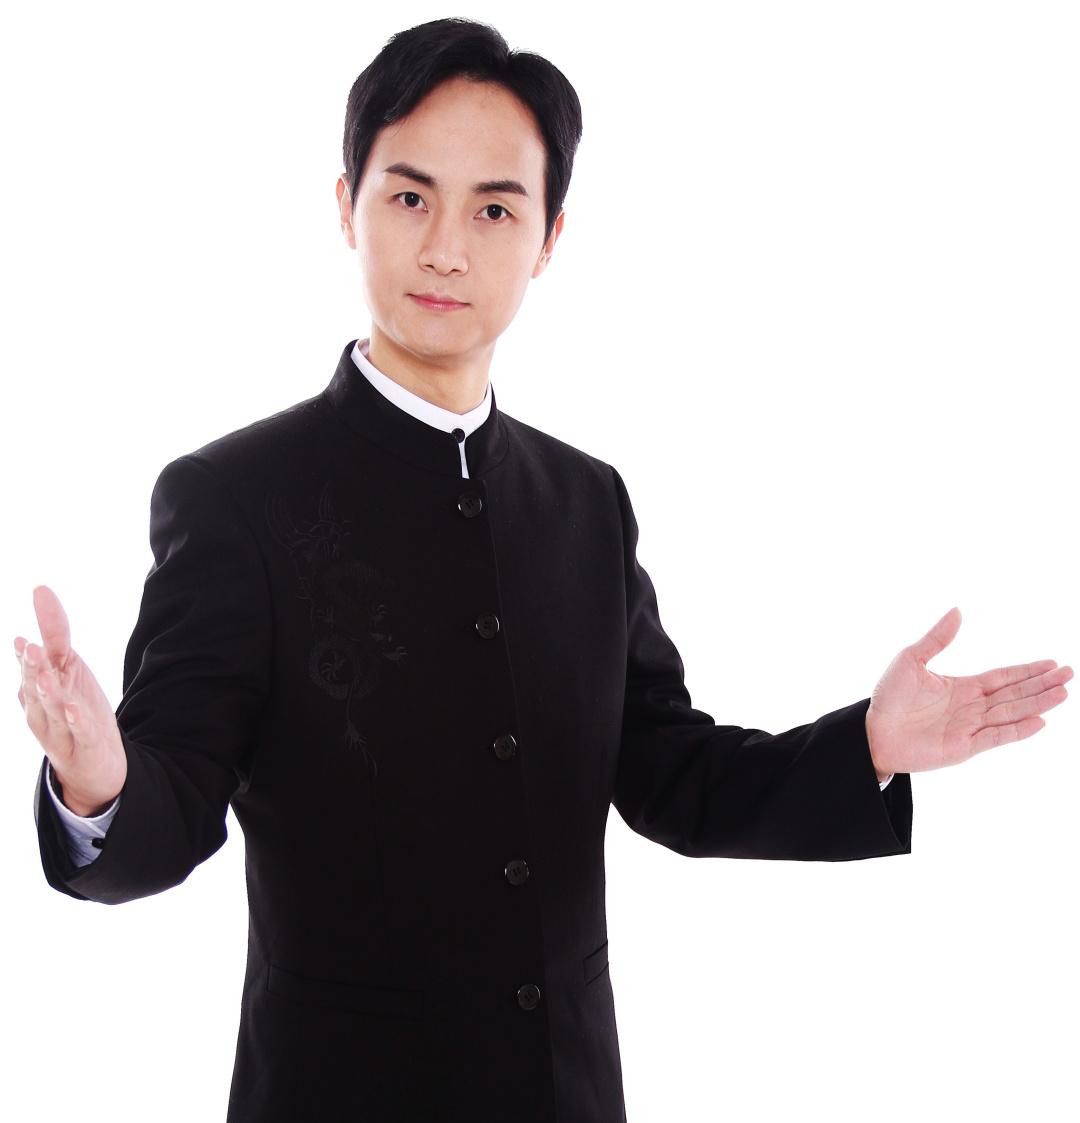 资深品牌营销教练梁影